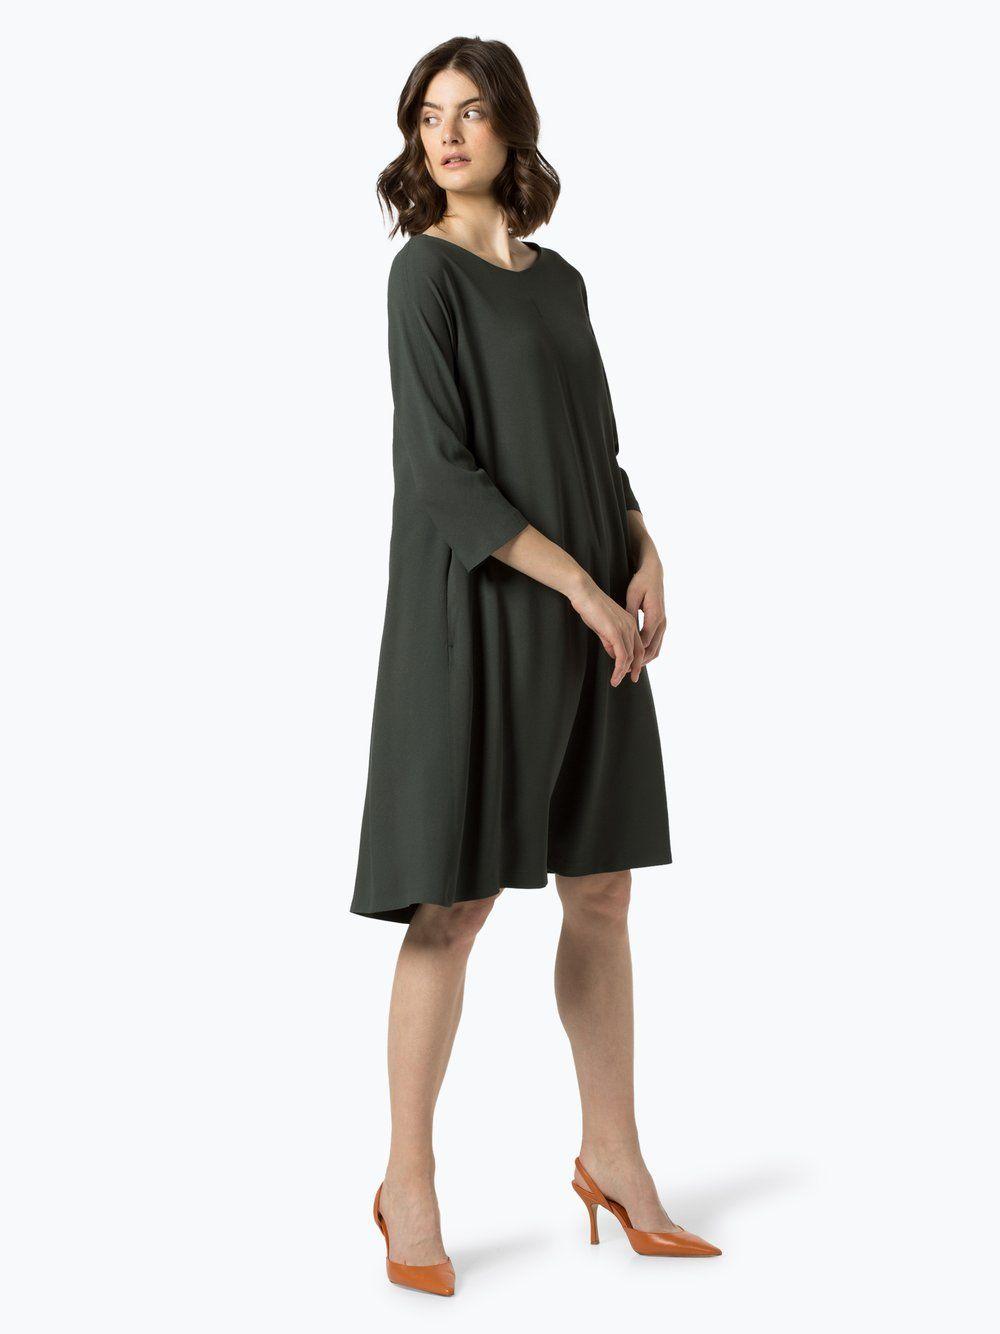 Damen Kleid - Umano  Max mara, Kleid arbeit und Kleider